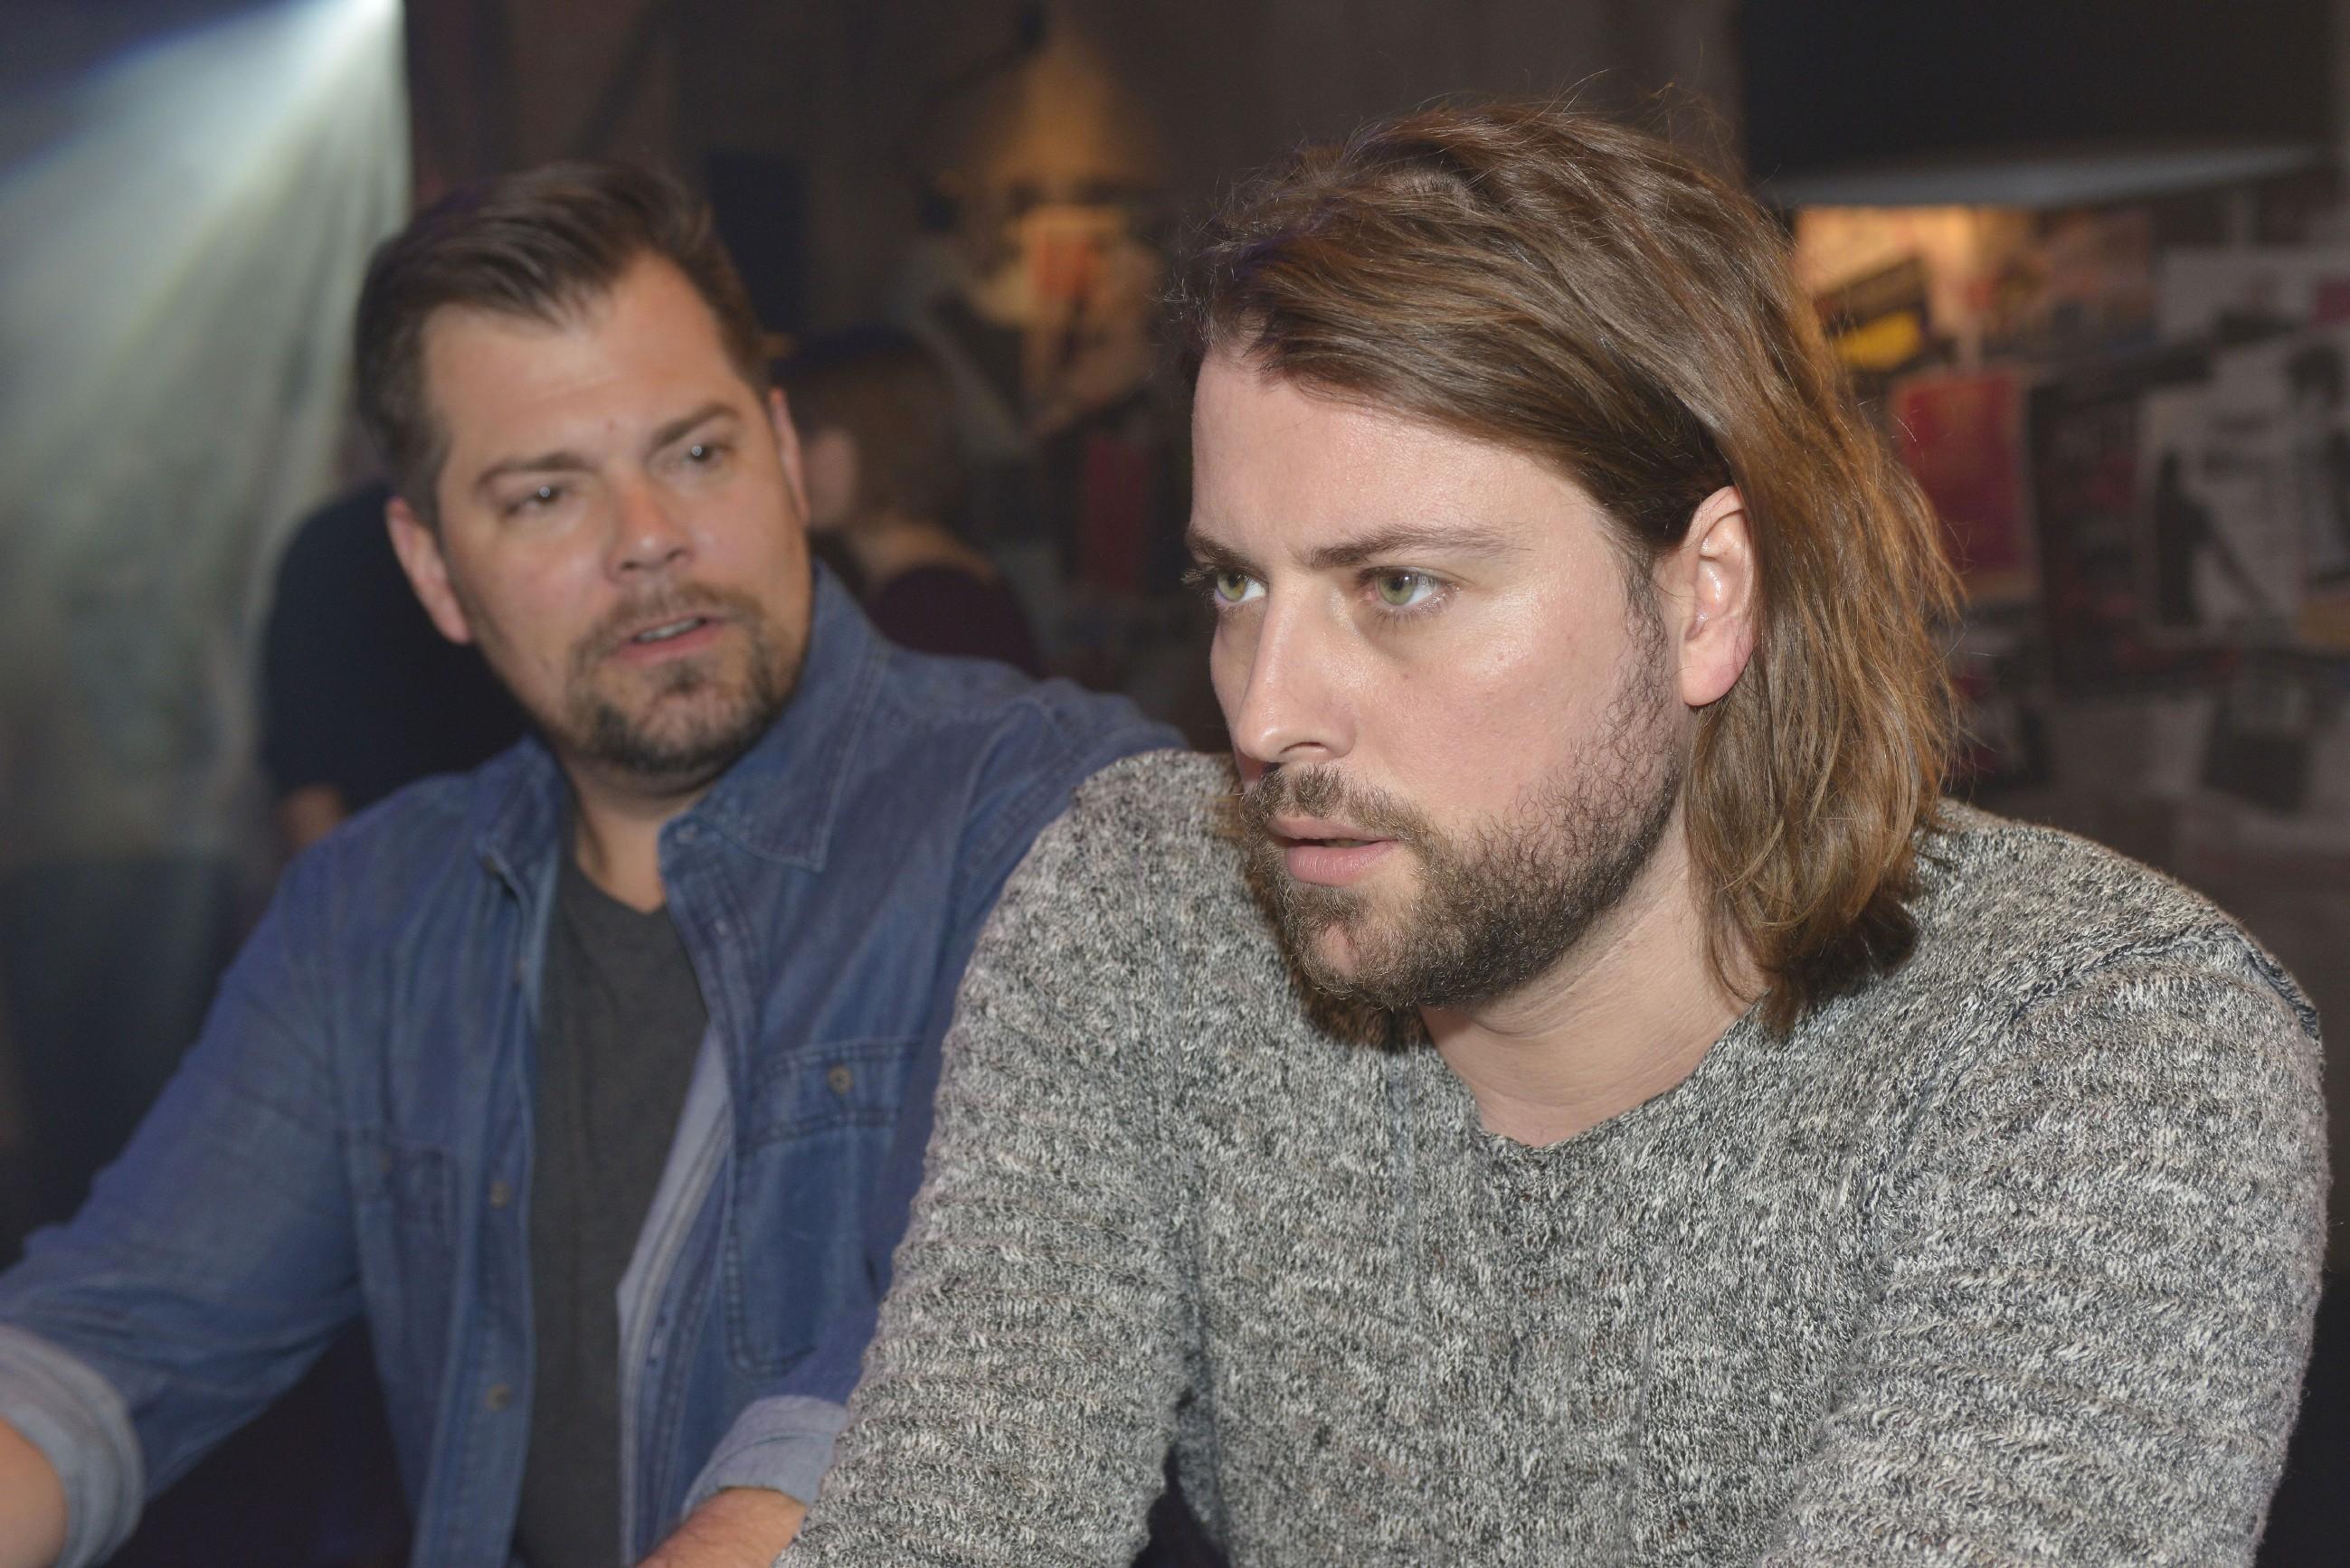 John (Felix von Jascheroff, r.) weiht Leon (Daniel Fehlow) über die finanziellen Probleme des Mauerwerks ein, doch Leon zeigt sich unbeeindruckt und schafft es, auch John wieder Zuversicht zu geben. (Quelle: RTL / Rolf Baumgartner)